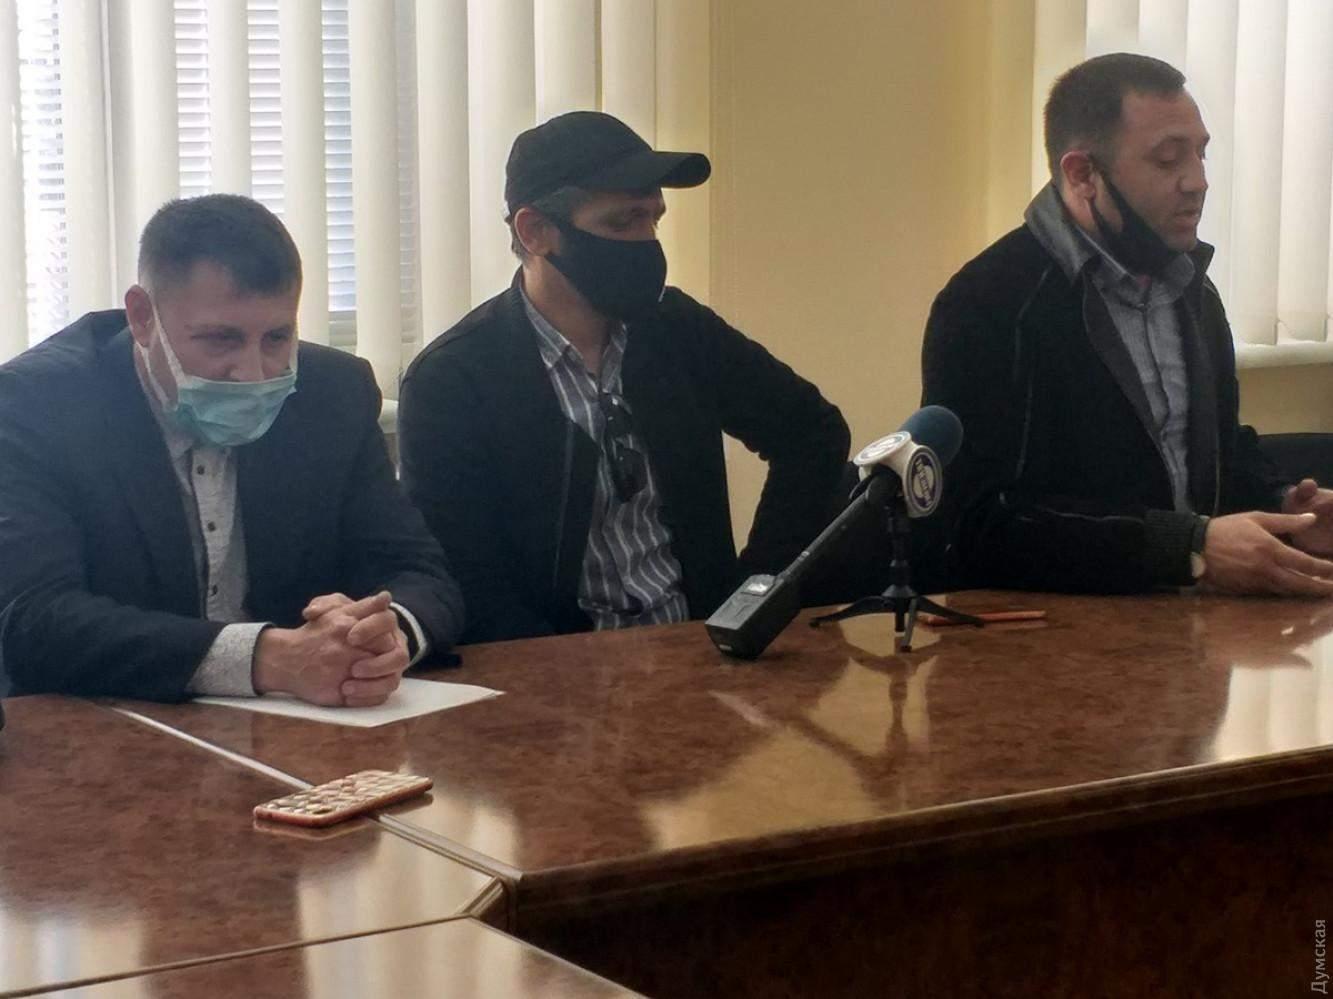 Ізмаїл Шовінізм Насильство погроми Роми Ромська община вбивство підлітки